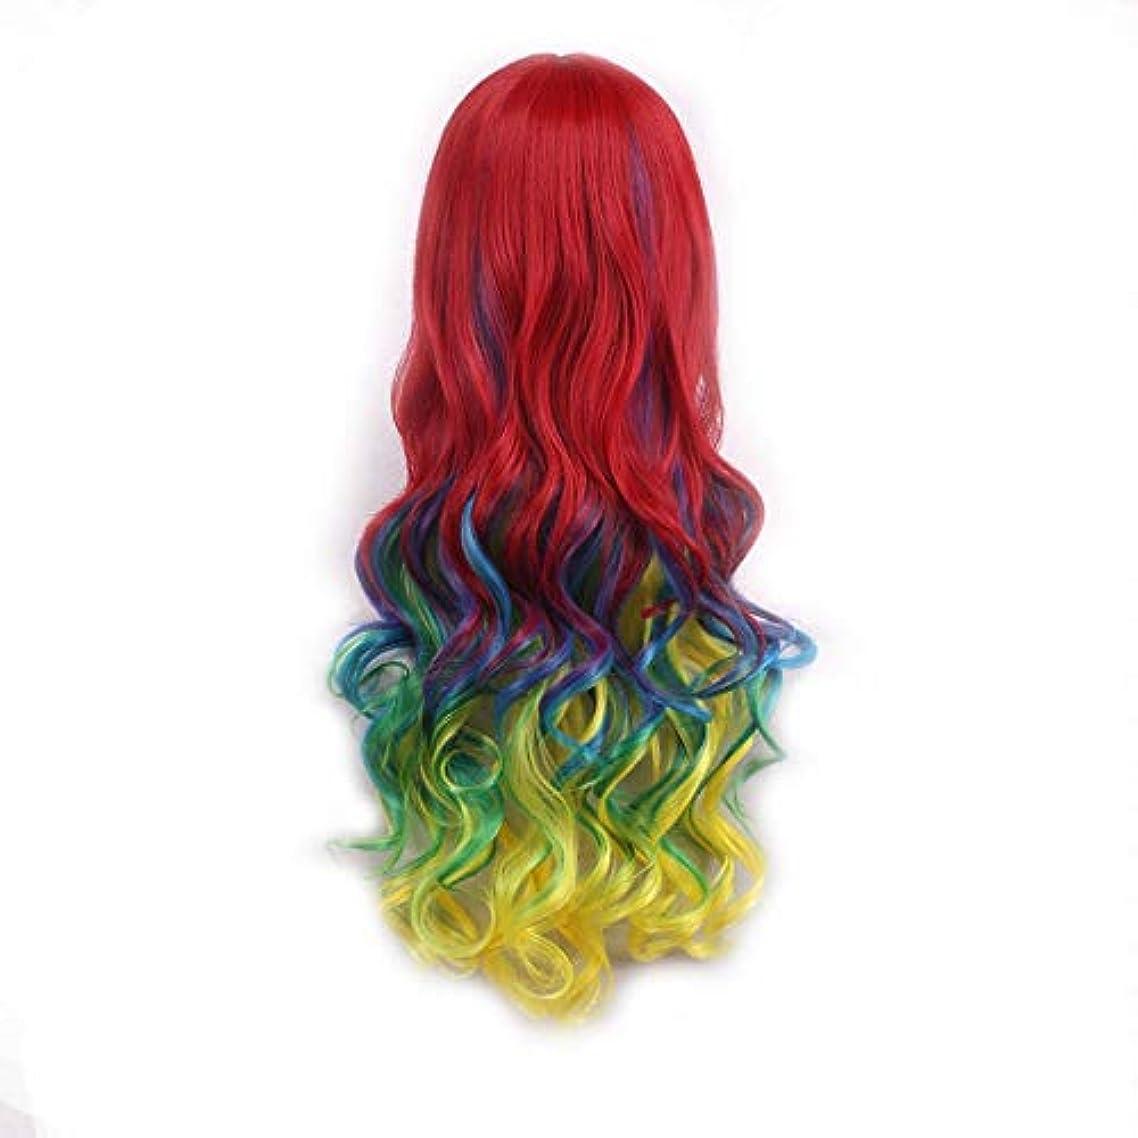 上セラフ自転車ウィッグキャップウィッグロングファンシードレスストレート&カールウィッグレディース高品質な合成色の髪のコスプレ高密度ウィッグ女性と女の子 (Color : Curls)